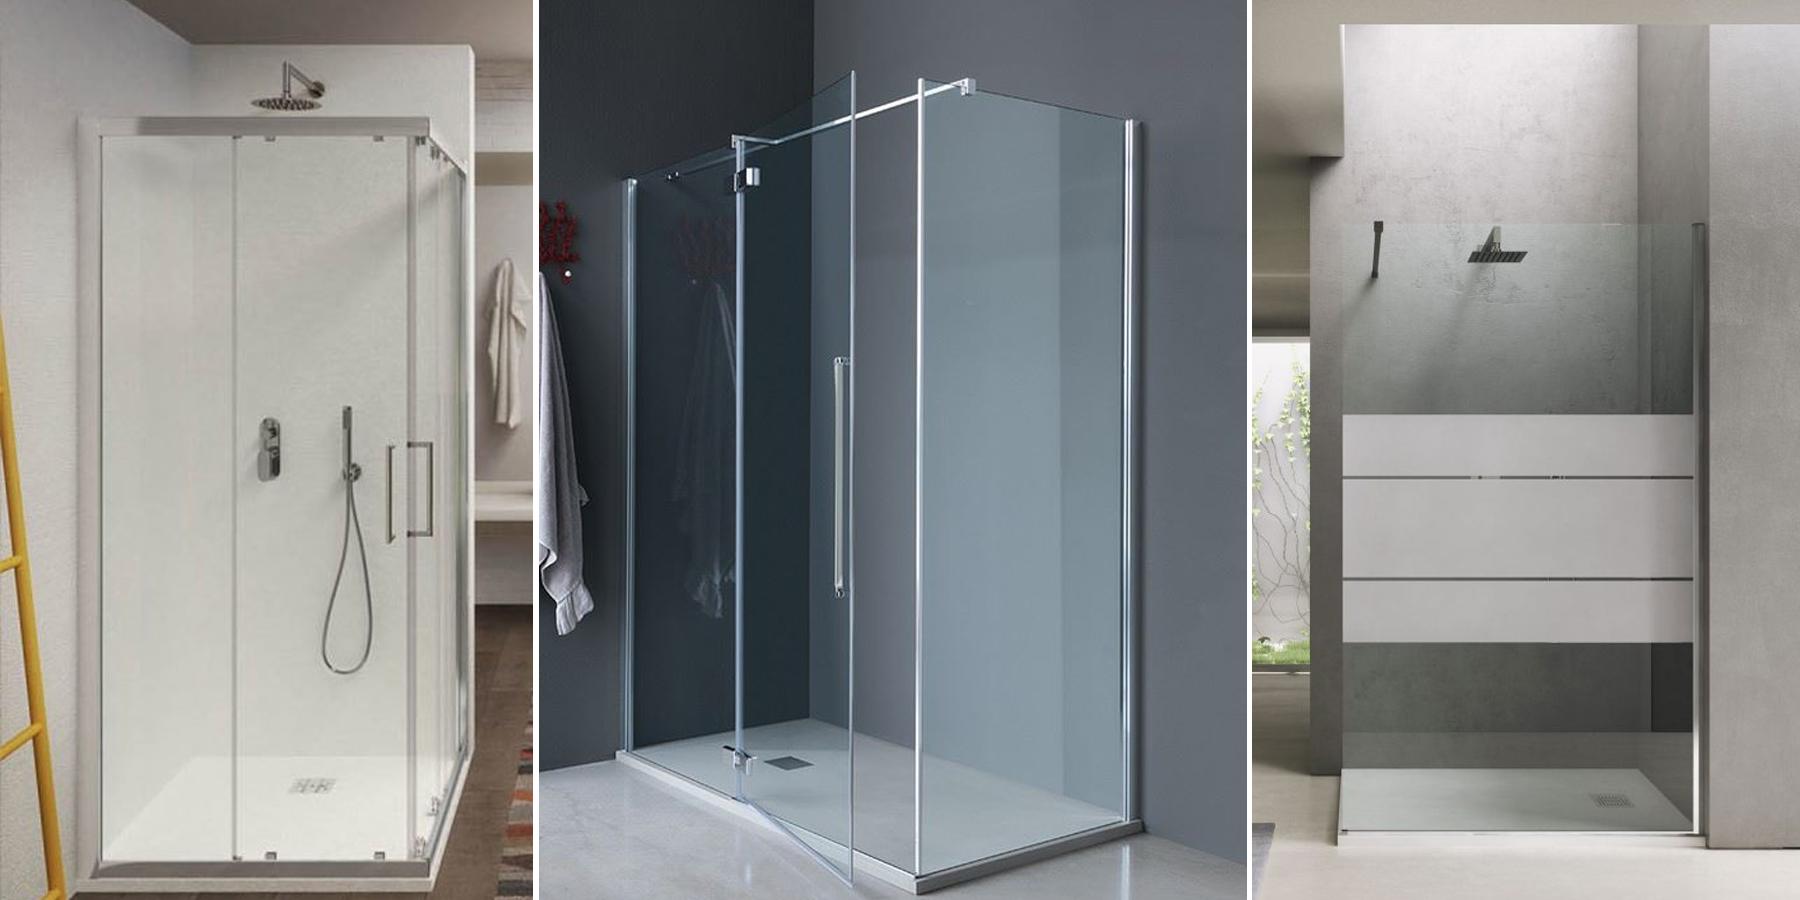 Box doccia: perché sceglierlo e di quale materiale